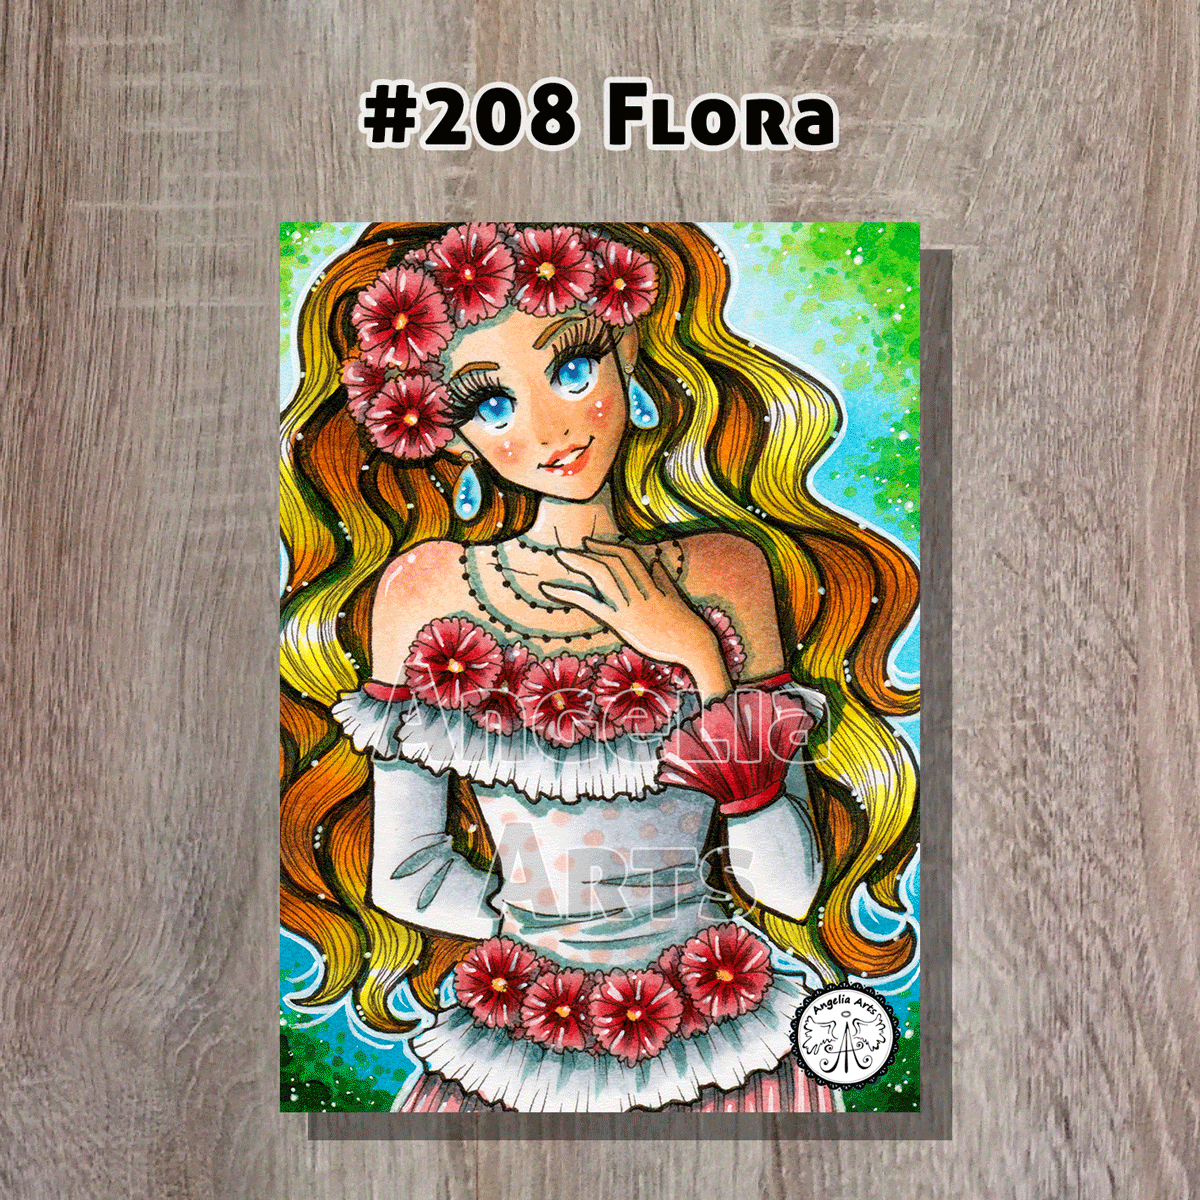 #208-flora-front